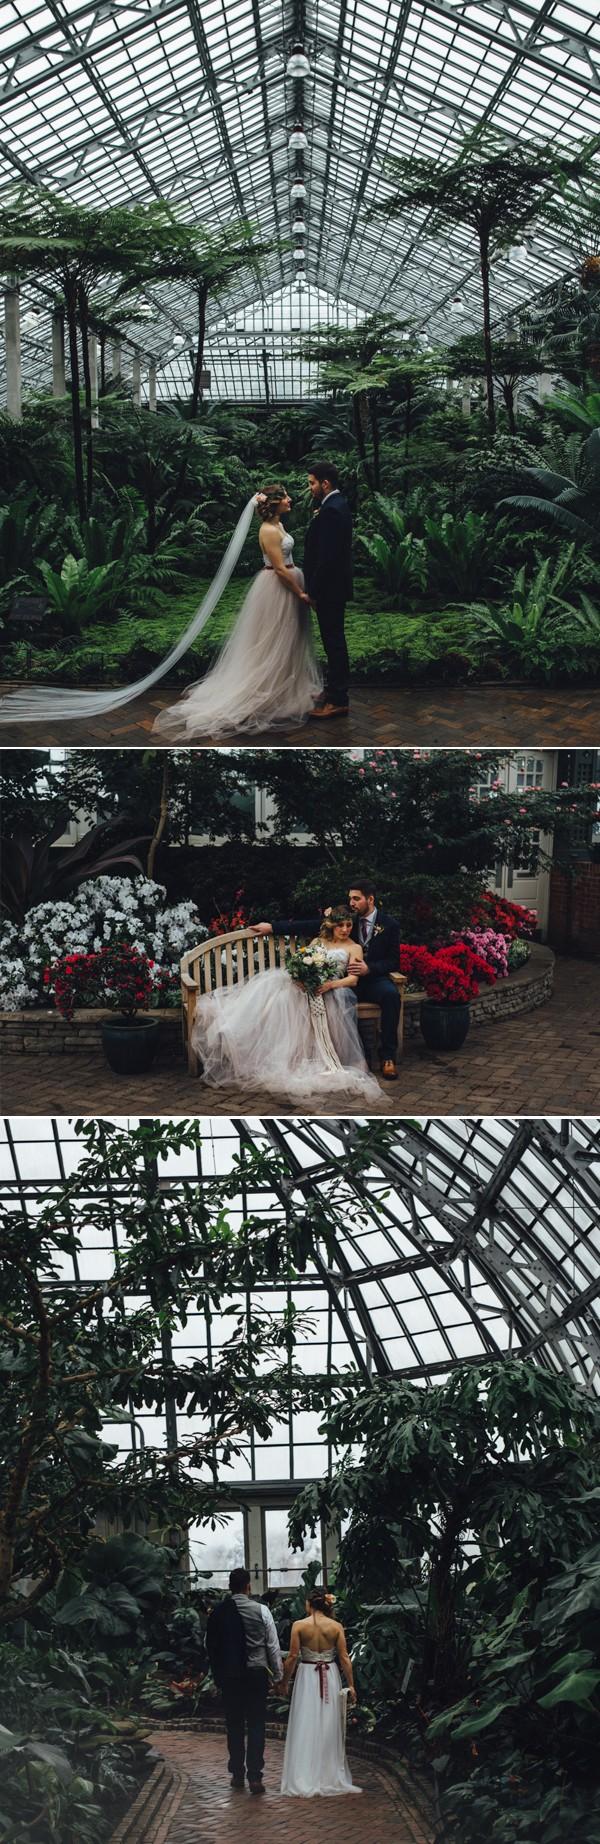 γάμος που δεν χρονολογείται 10